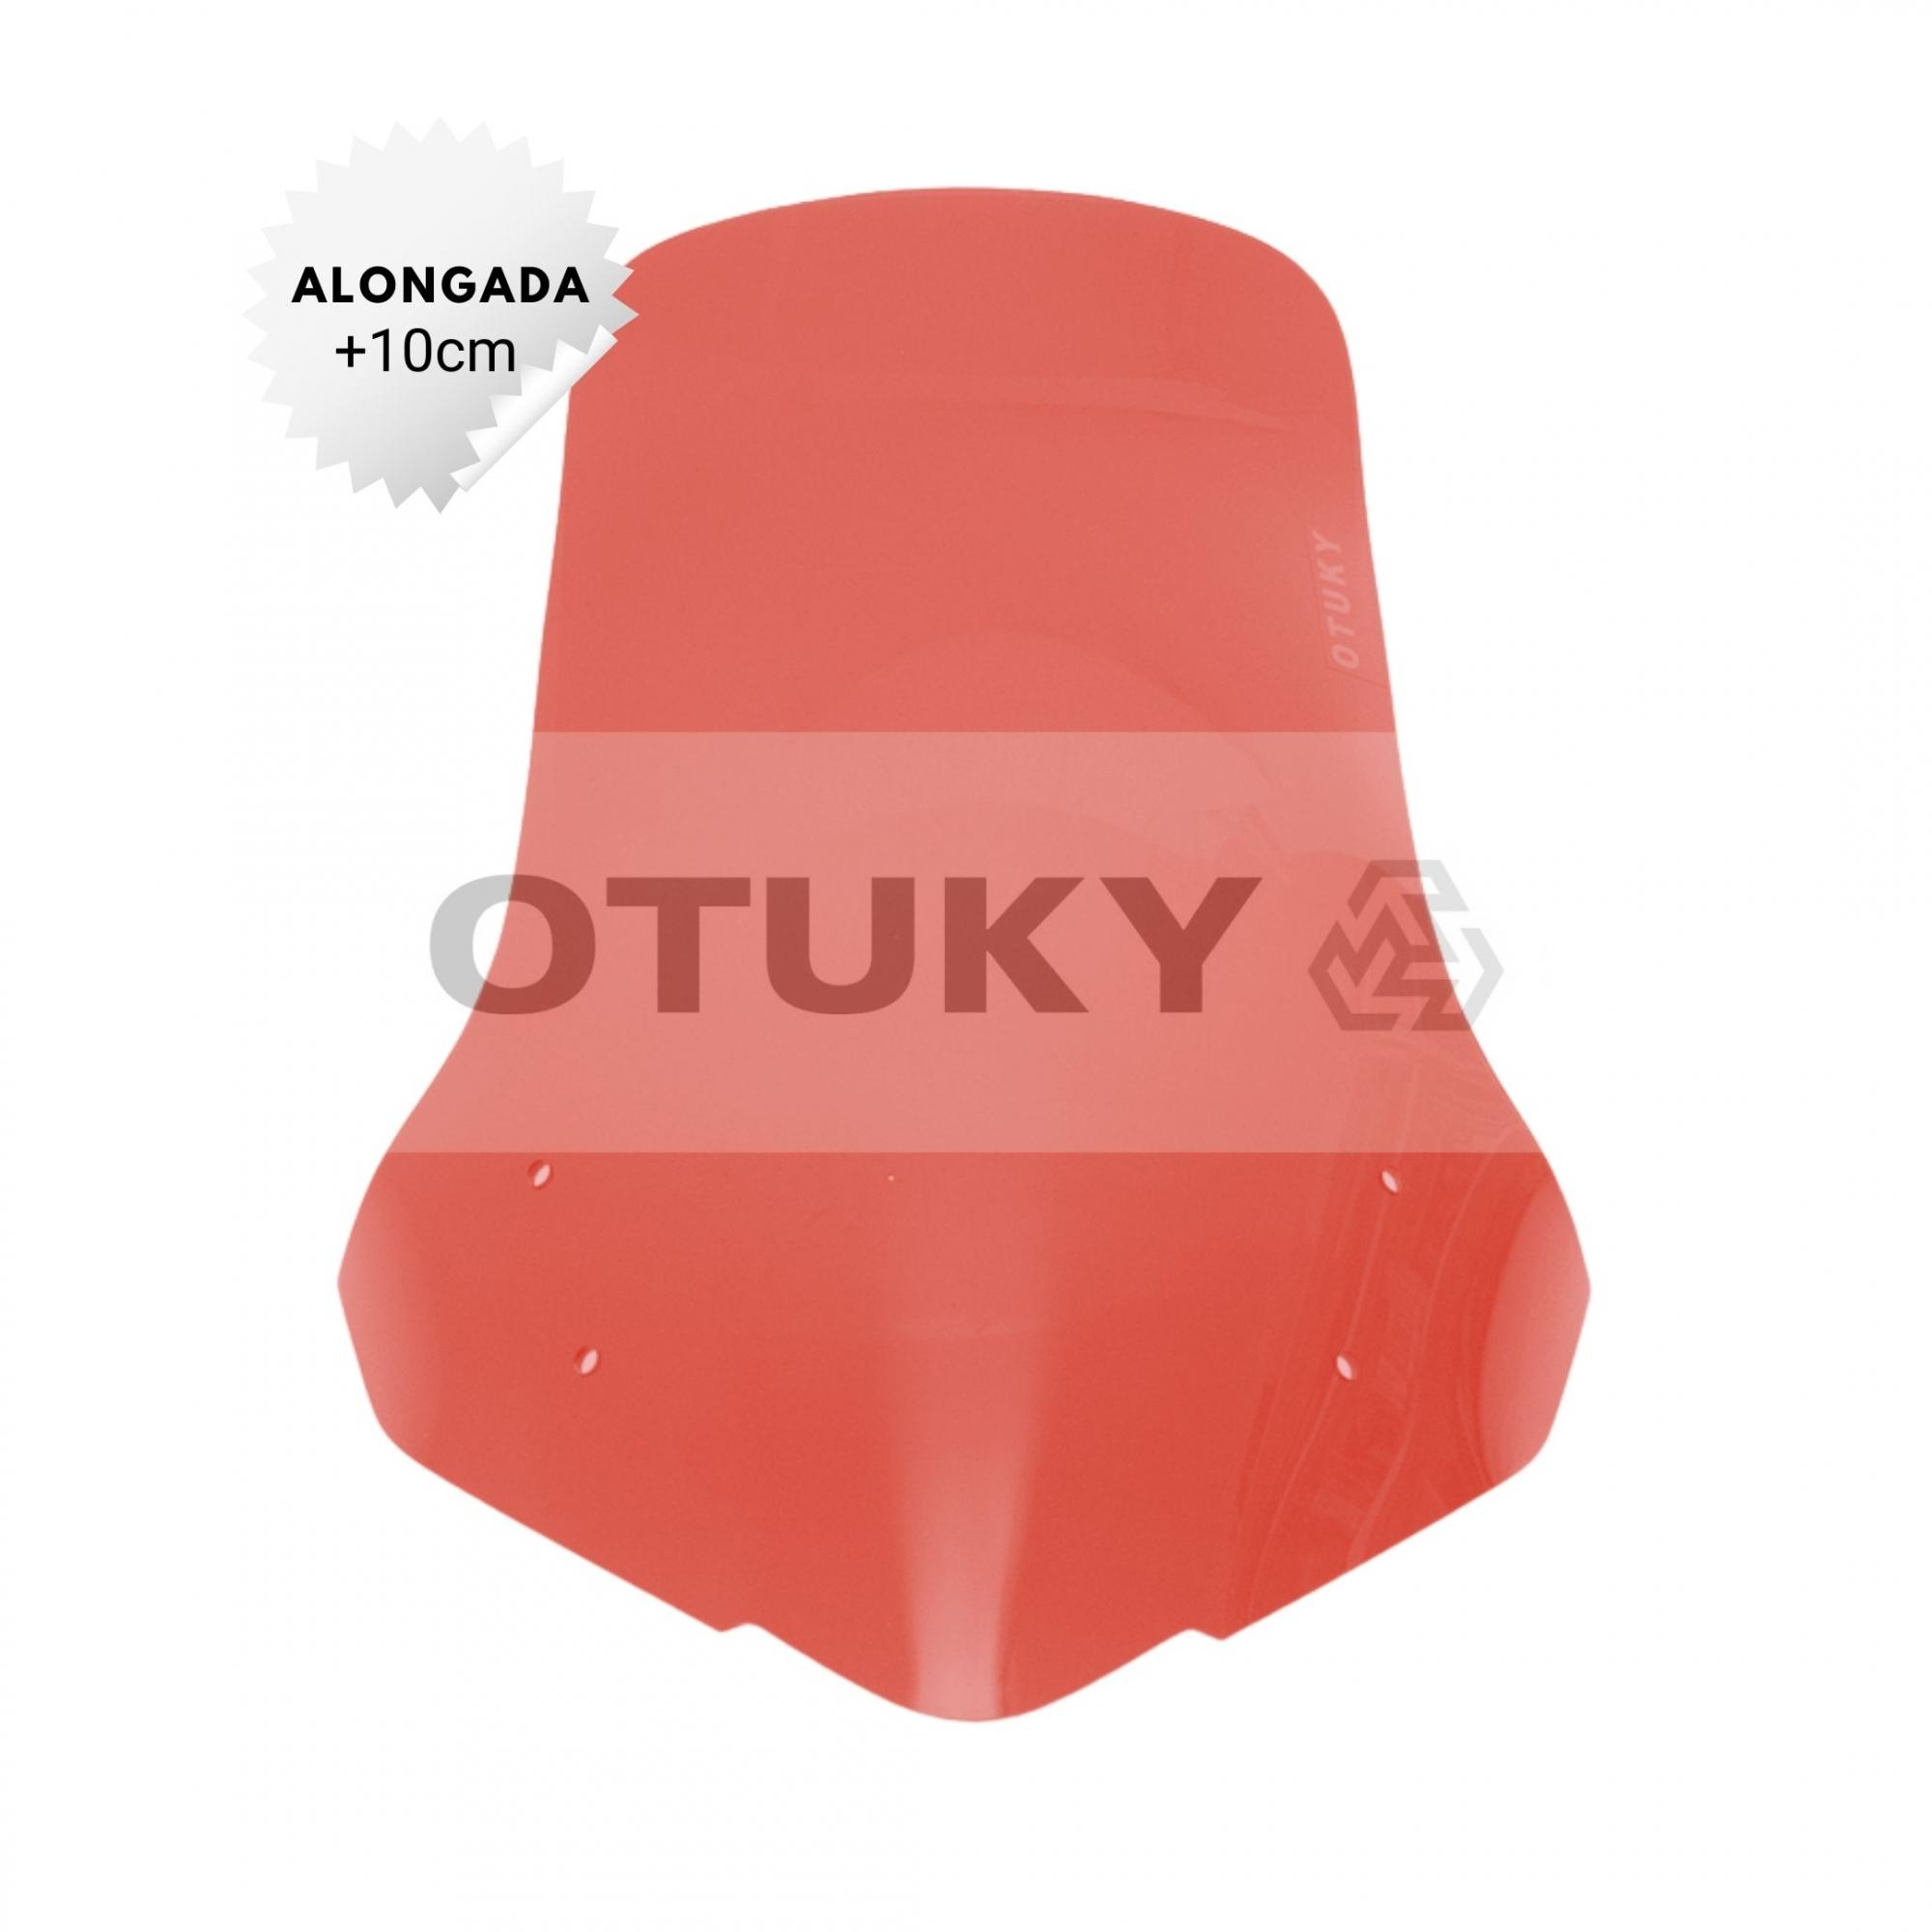 Bolha para Moto NC 700 X Alongada +10cm Otuky